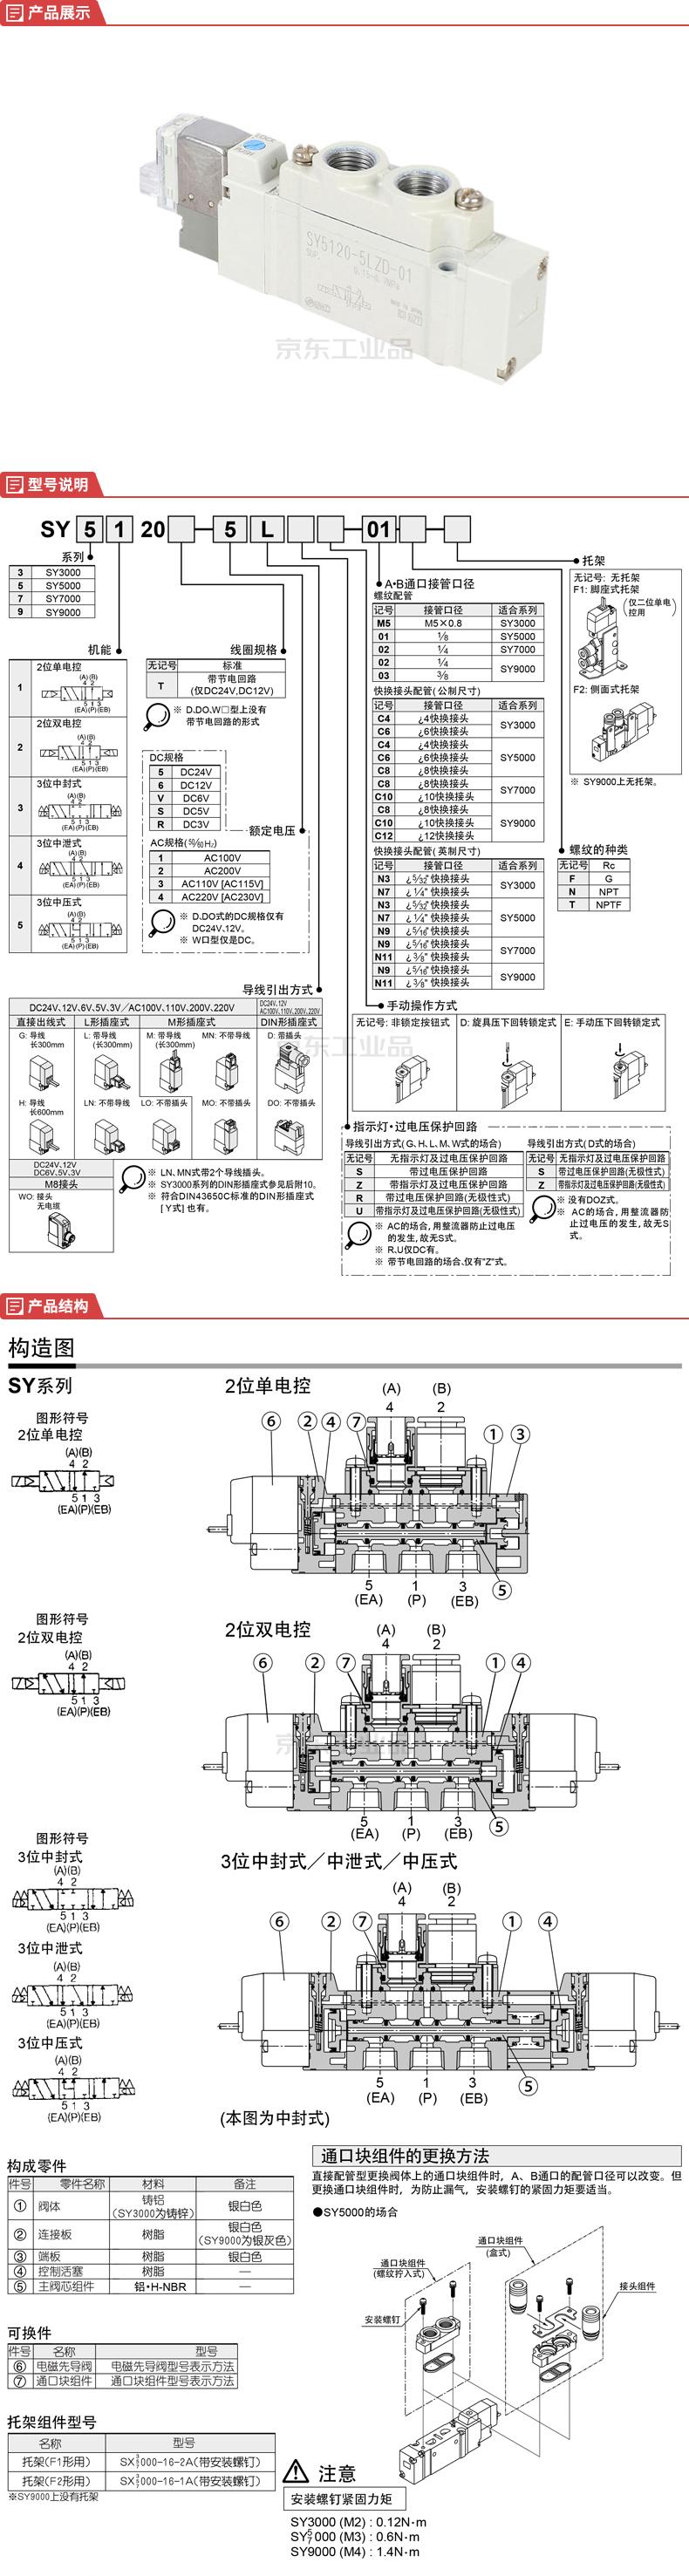 SMC 二位五通电磁阀,单电控;SY5120-5LZD-01